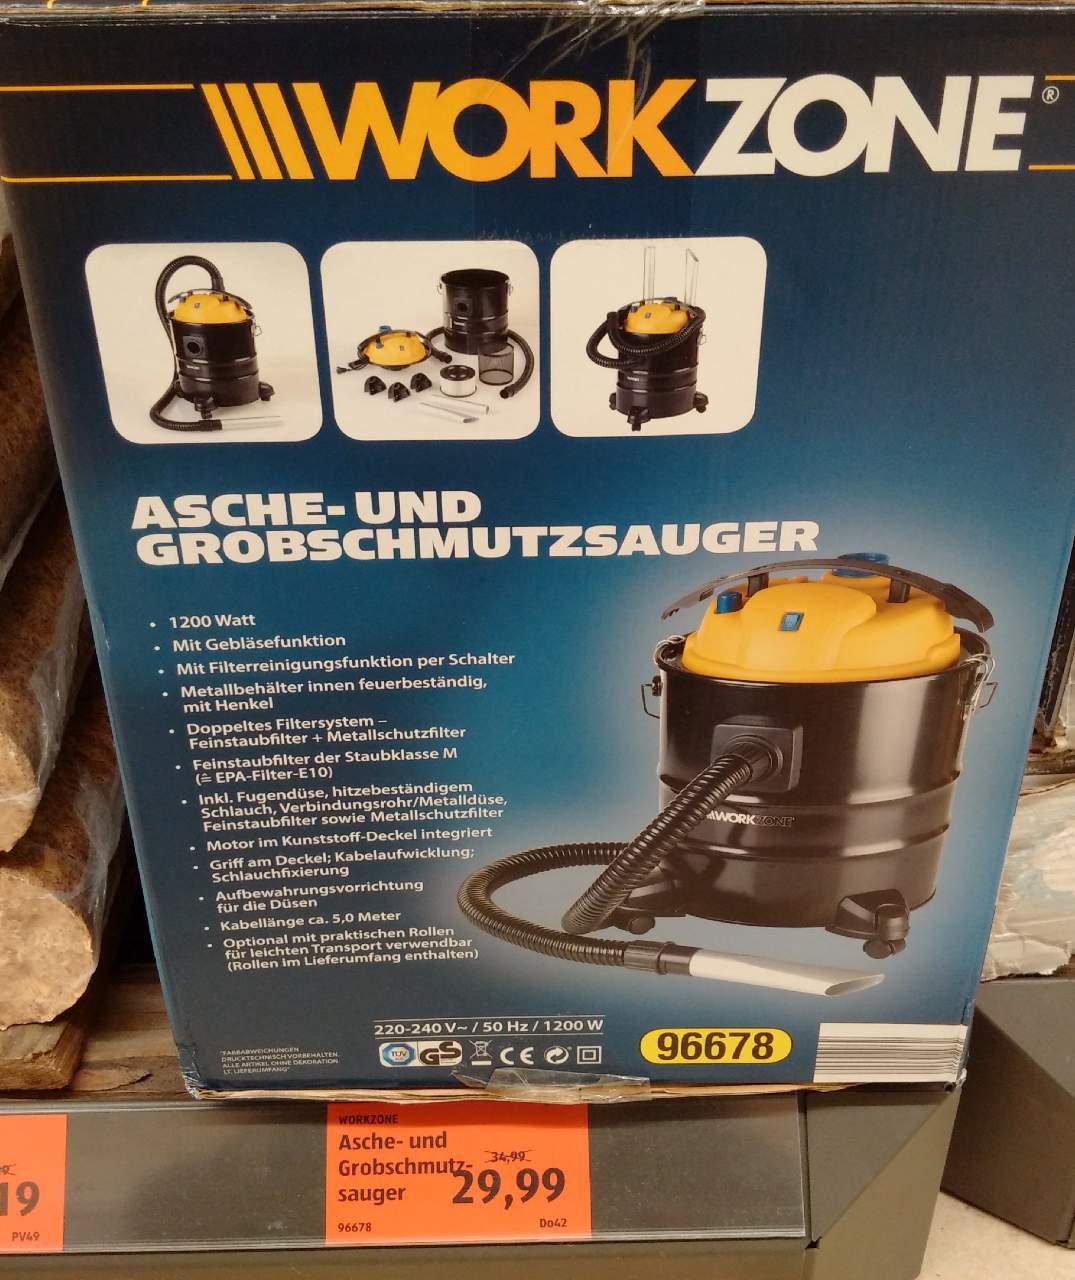 WORKZONE Aschen- und Grobschmutzsauger